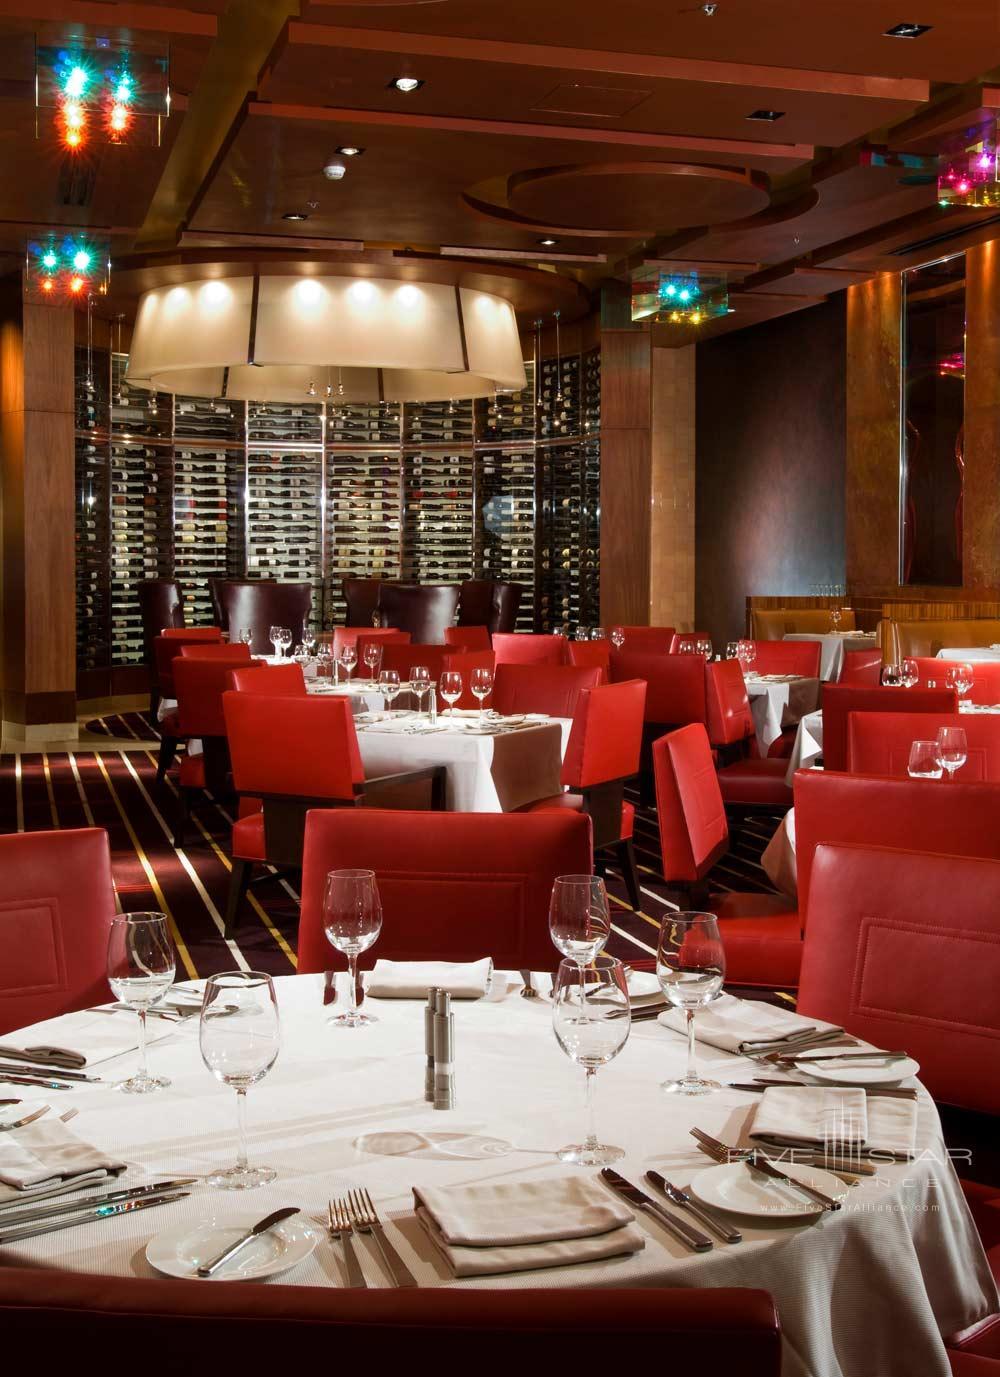 Dining at Ritz Carlton Denver